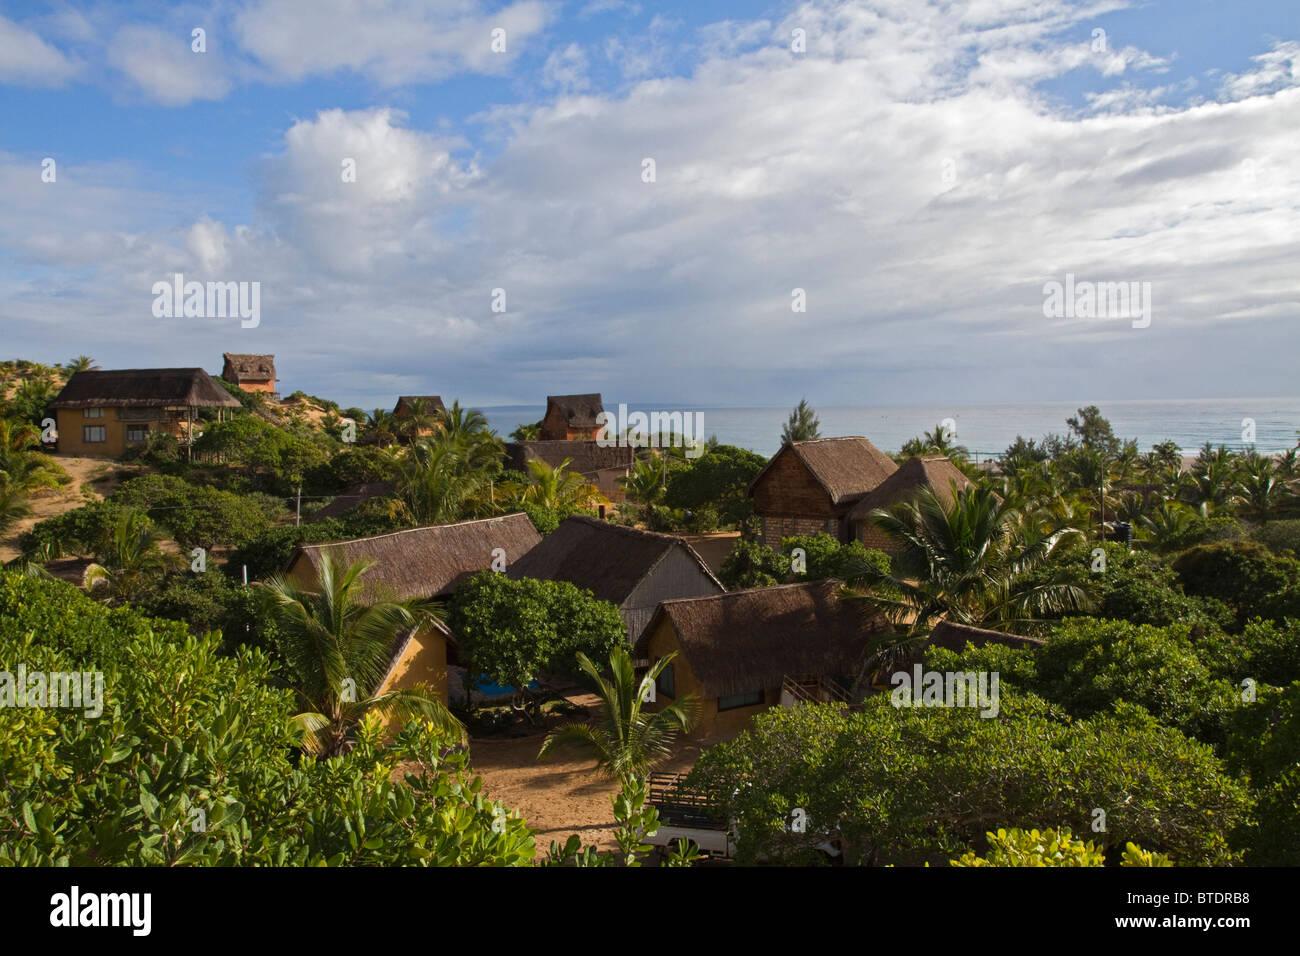 Vue panoramique de maisons et chalets de vacances sur la côte du Mozambique Photo Stock